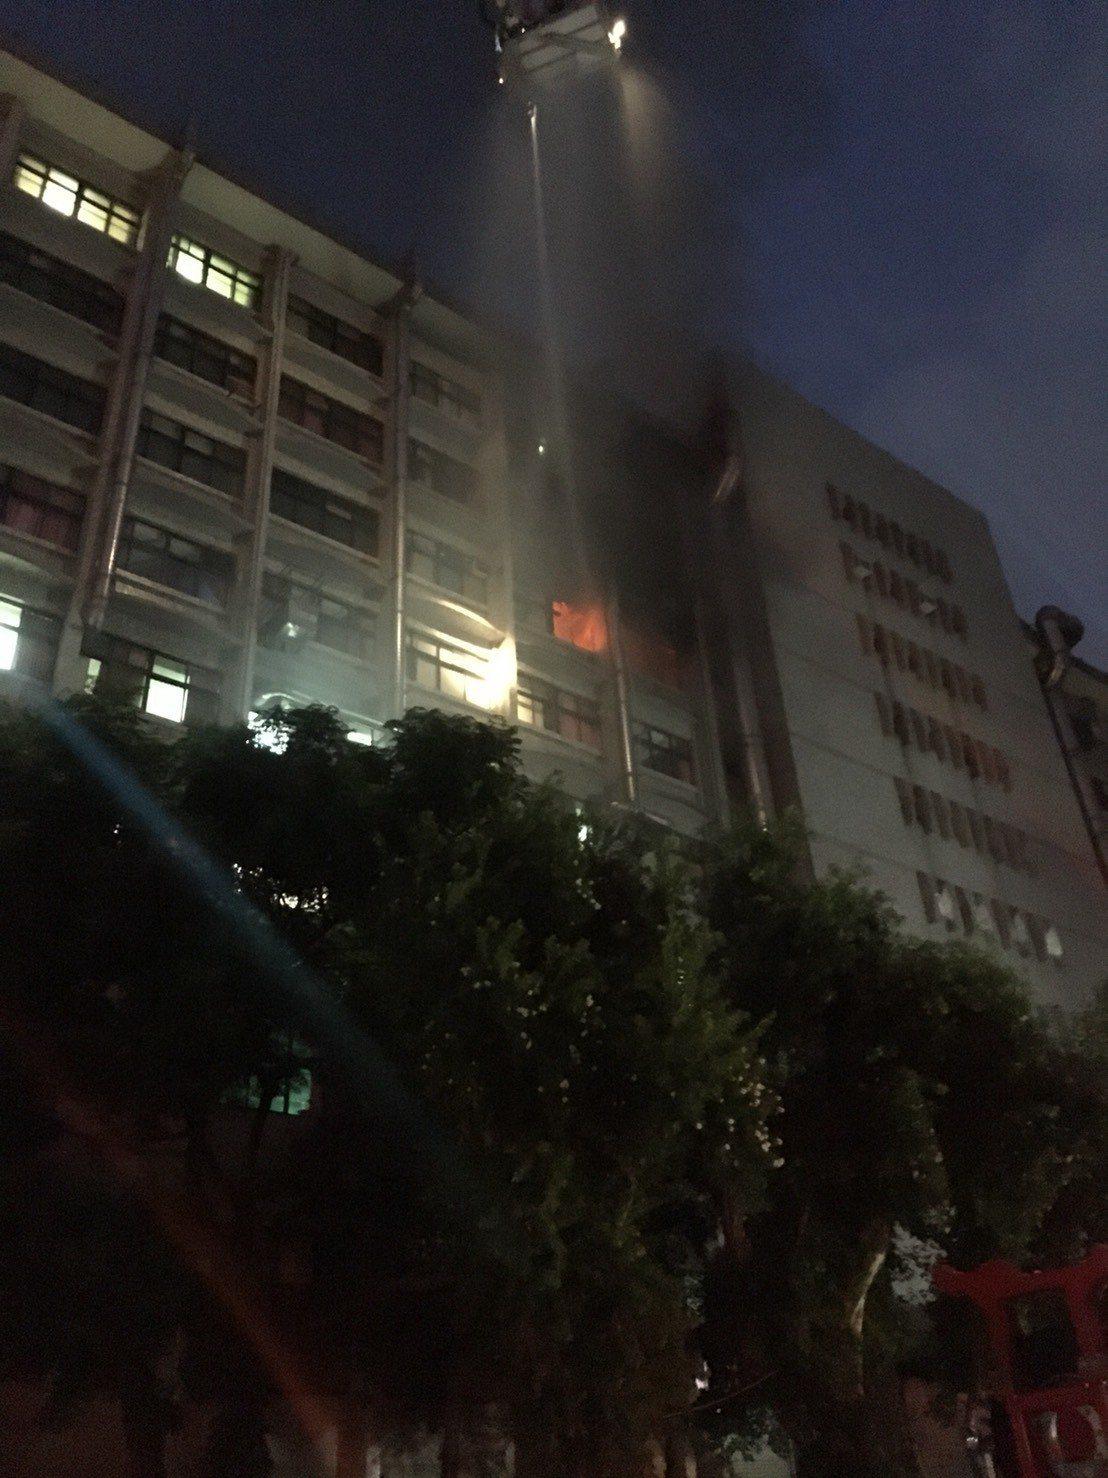 衛福部台北醫院護理之家大火造成重大傷亡,護理之家的安全引起關注。圖/消防局提供